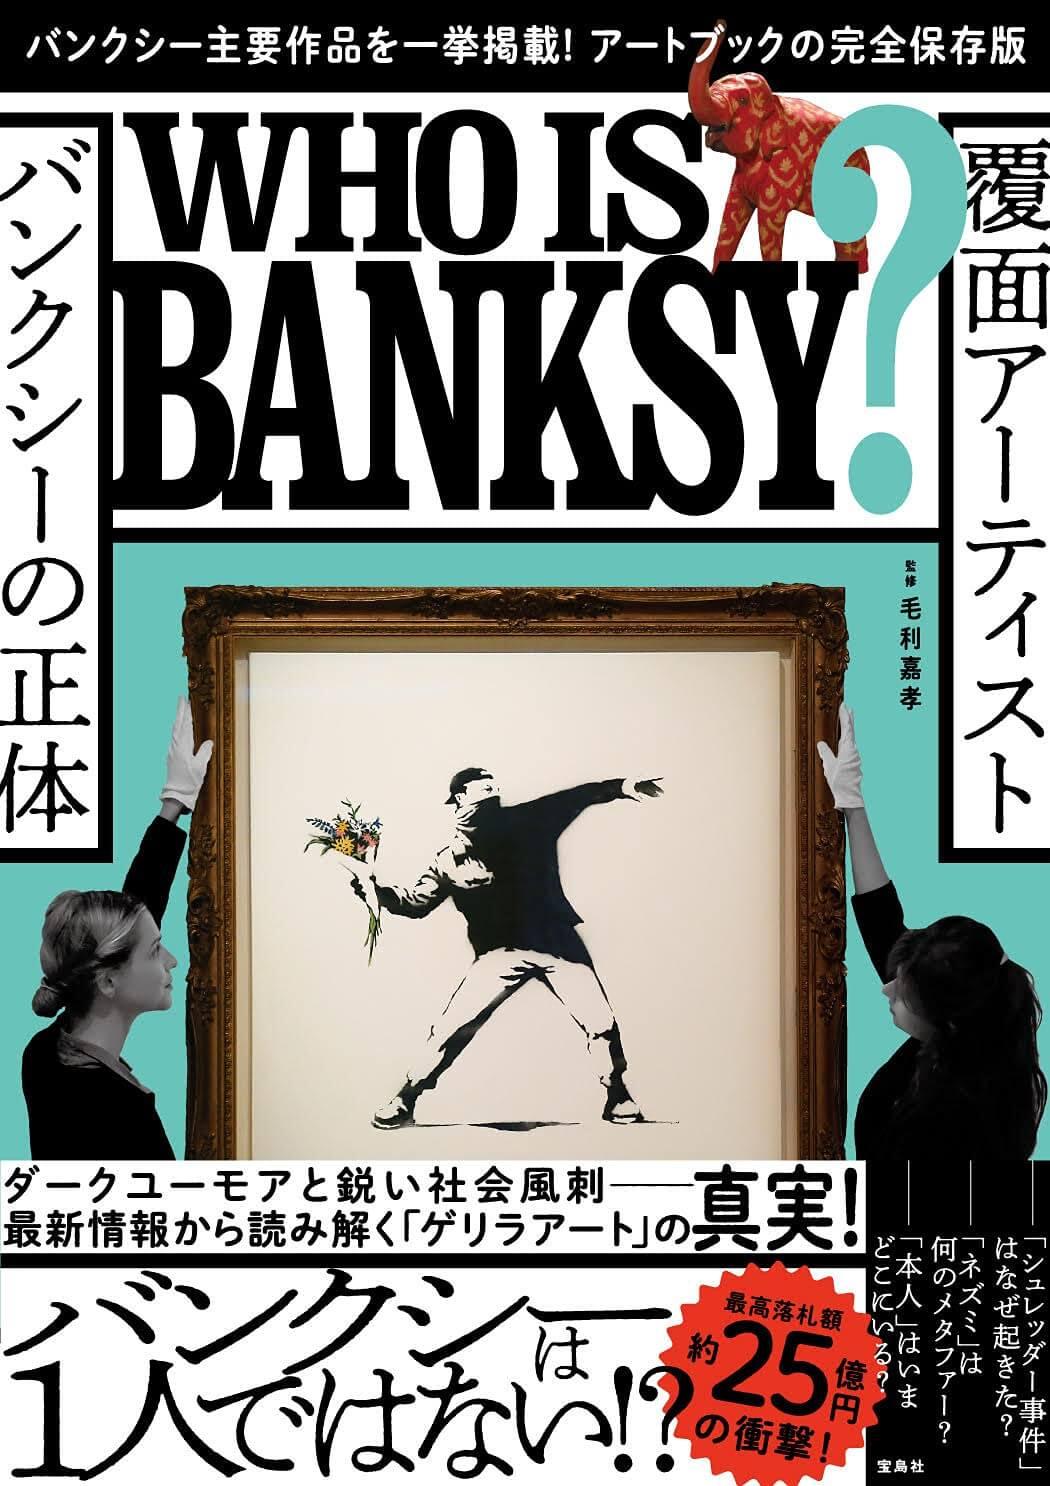 『覆面アーティスト バンクシーの正体』表紙